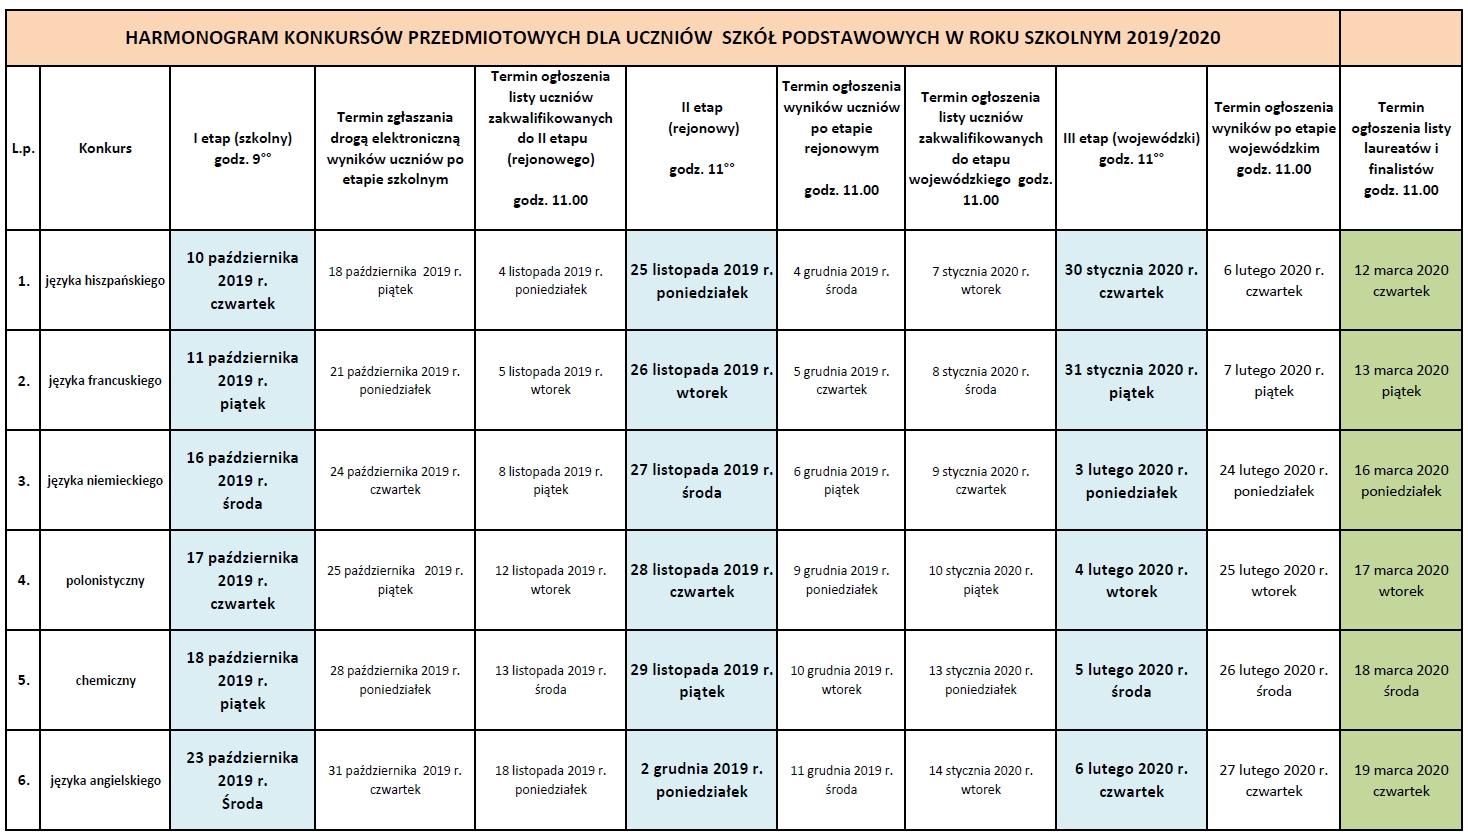 harmonogram_konkursow_kuratoryjnych_2019_2020_1